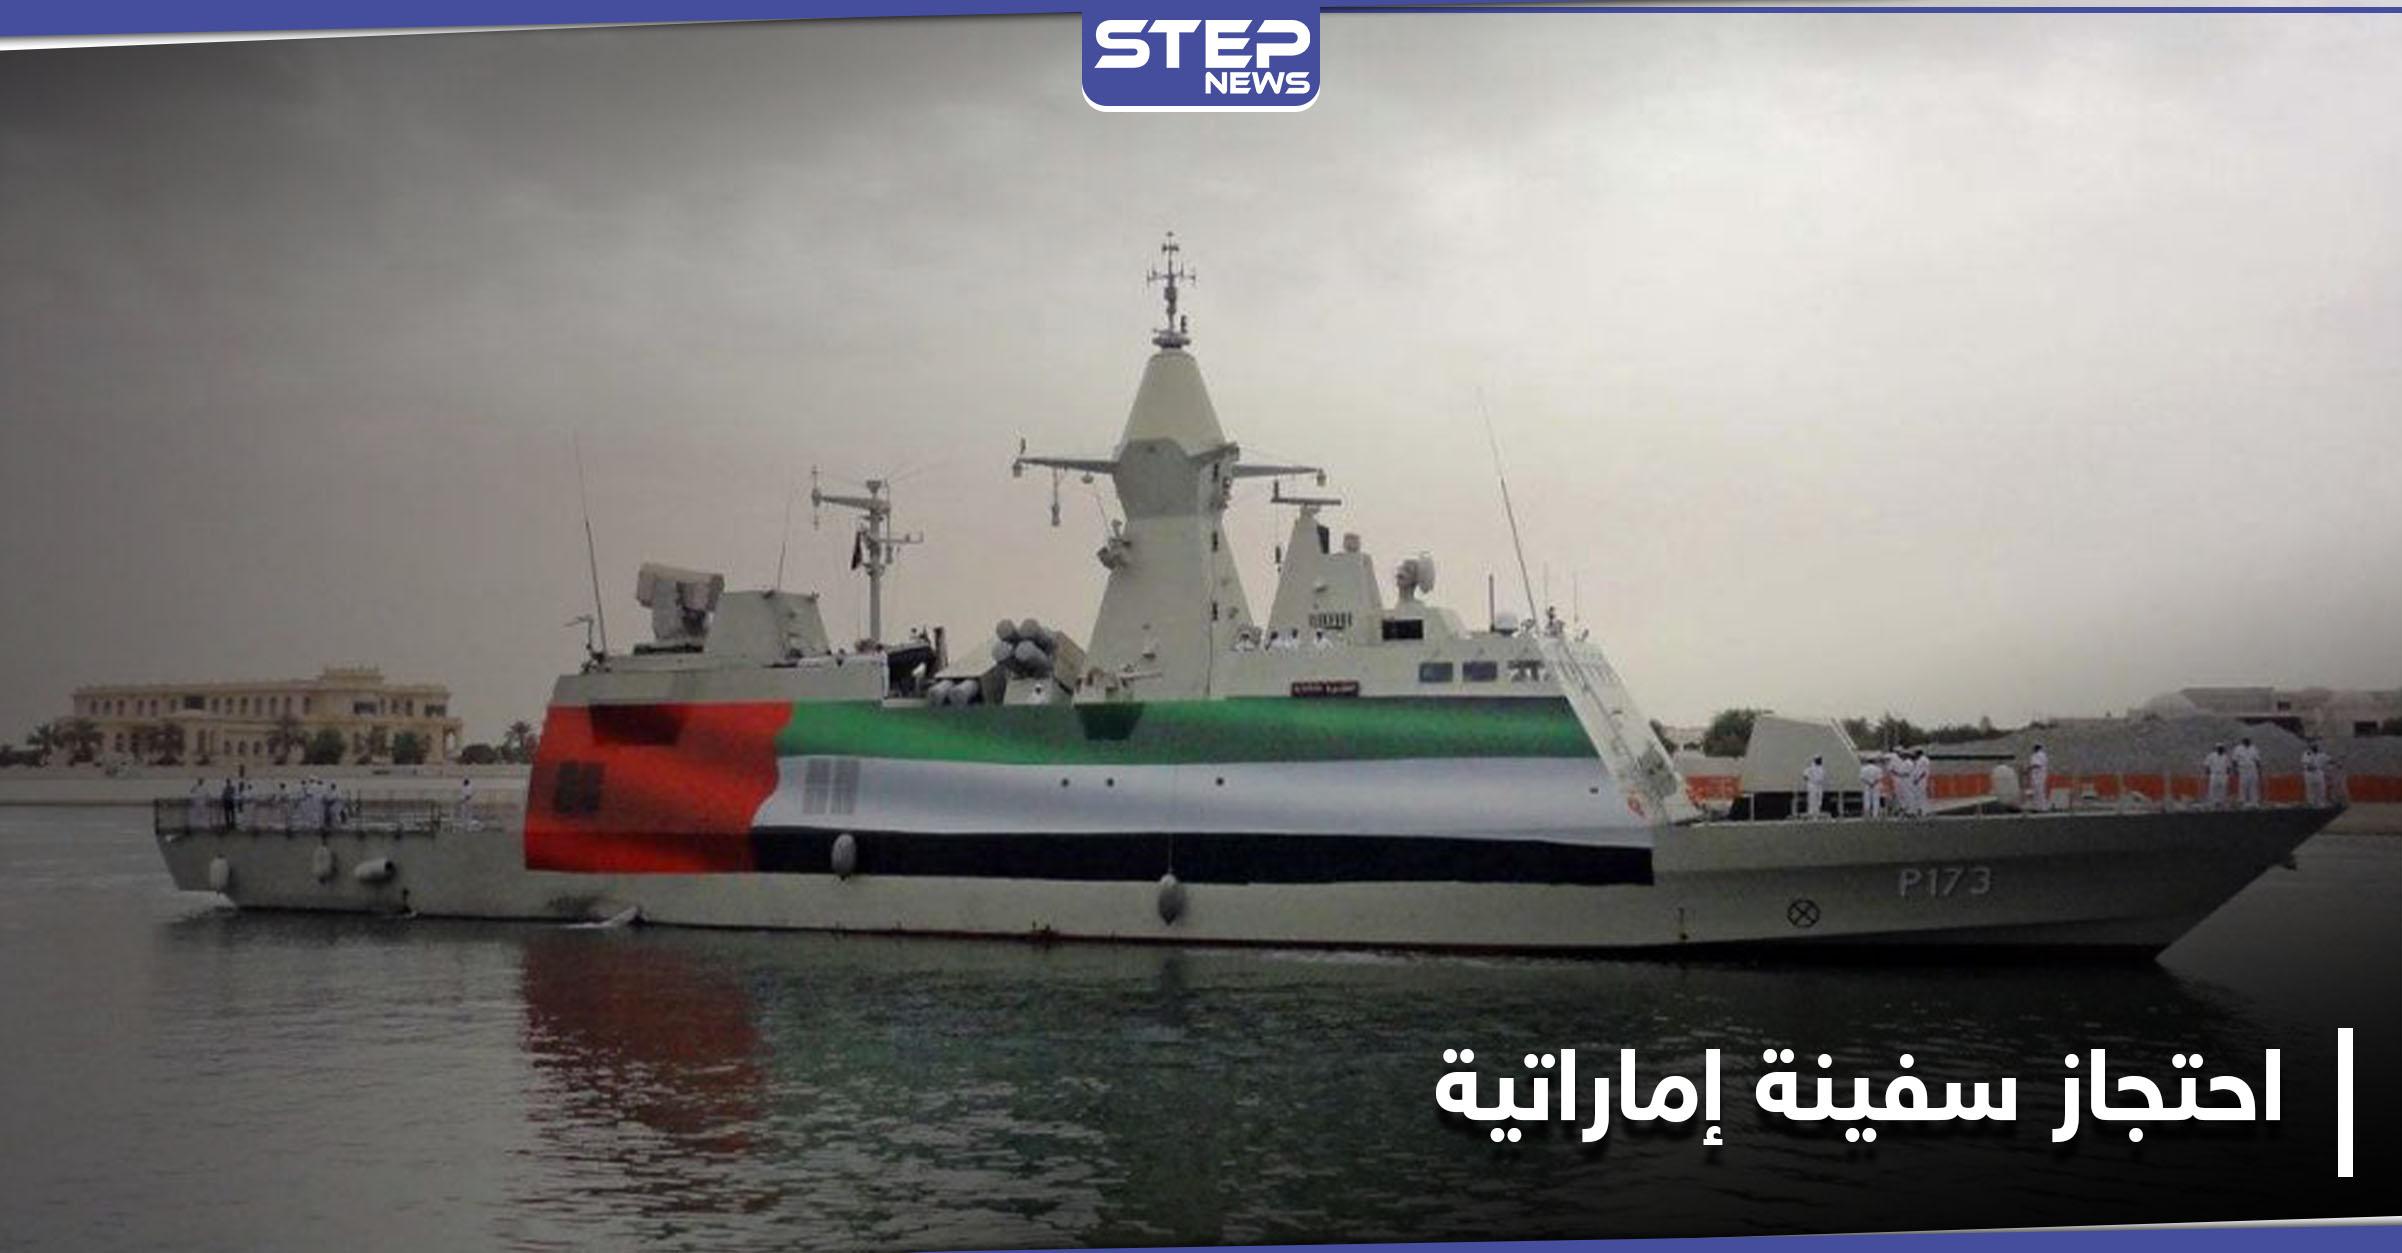 إيران تحتجز سفينة إماراتية وطاقمها بعد حادثة حصلت في مياه الخليج